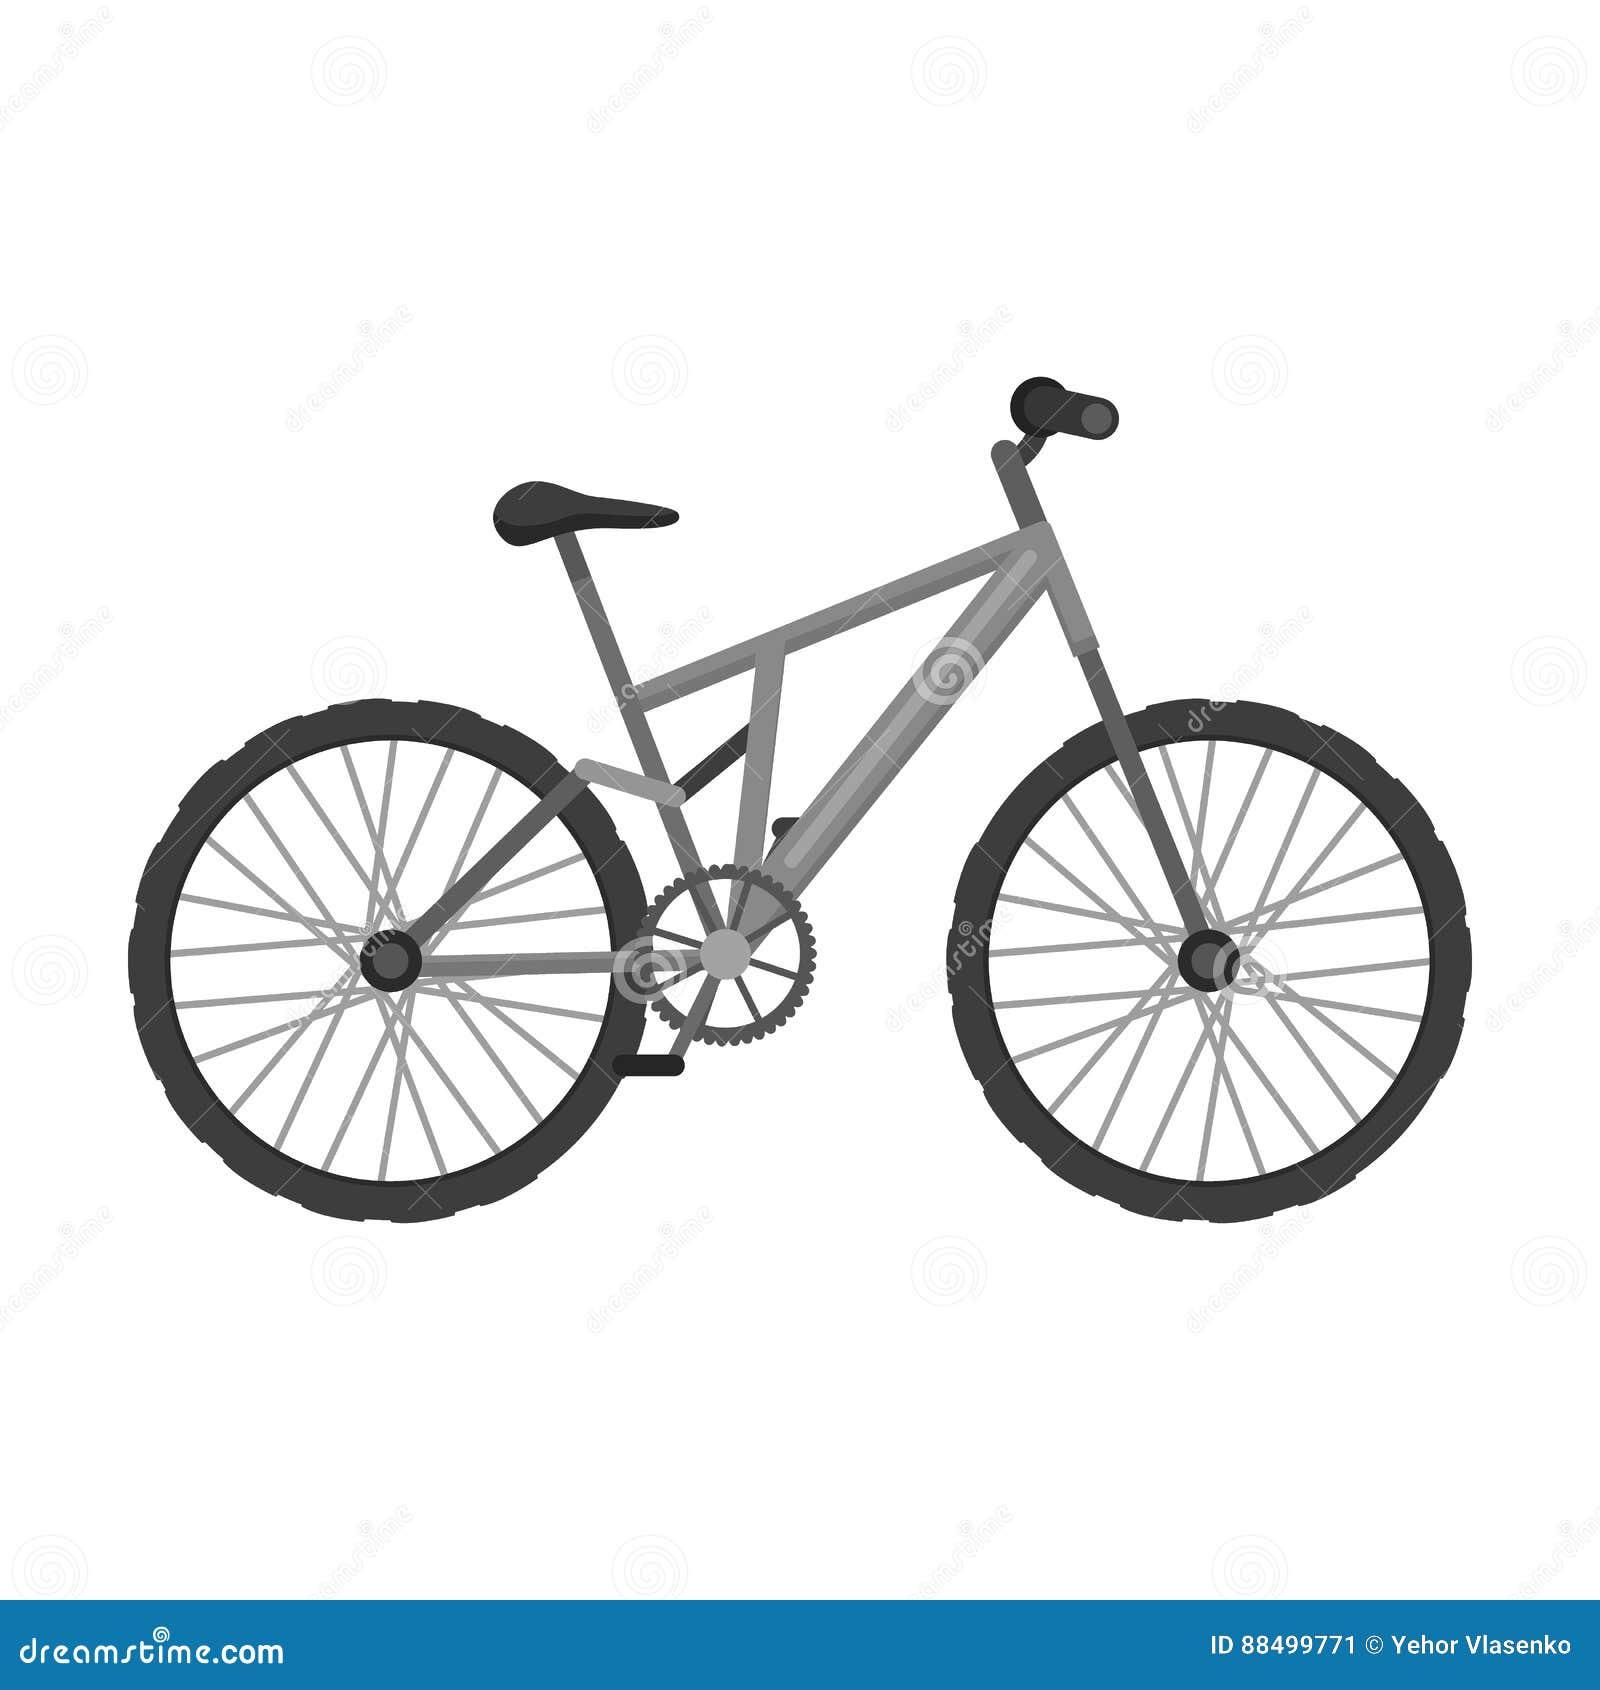 8aca941d098 Bike Downhill Stock Illustrations – 1,549 Bike Downhill Stock  Illustrations, Vectors & Clipart - Dreamstime